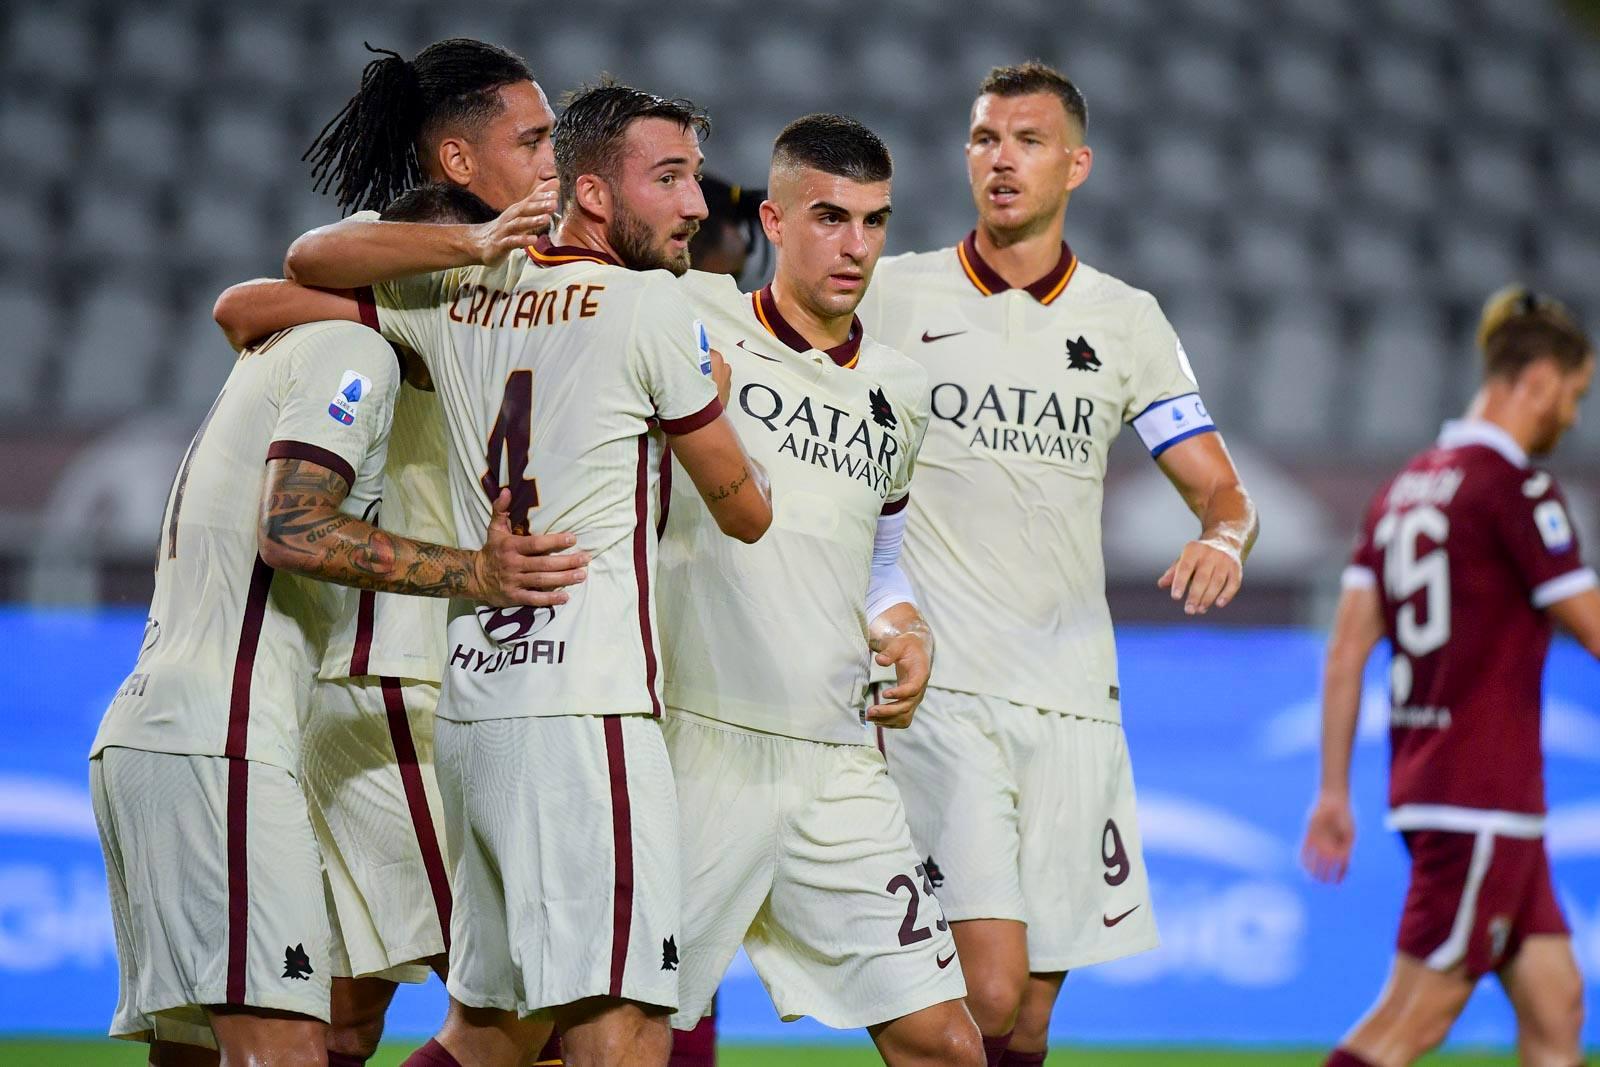 Soi kèo Roma vs CSKA Sofia, 03h00 ngày 30/10, Cúp C2 châu Âu